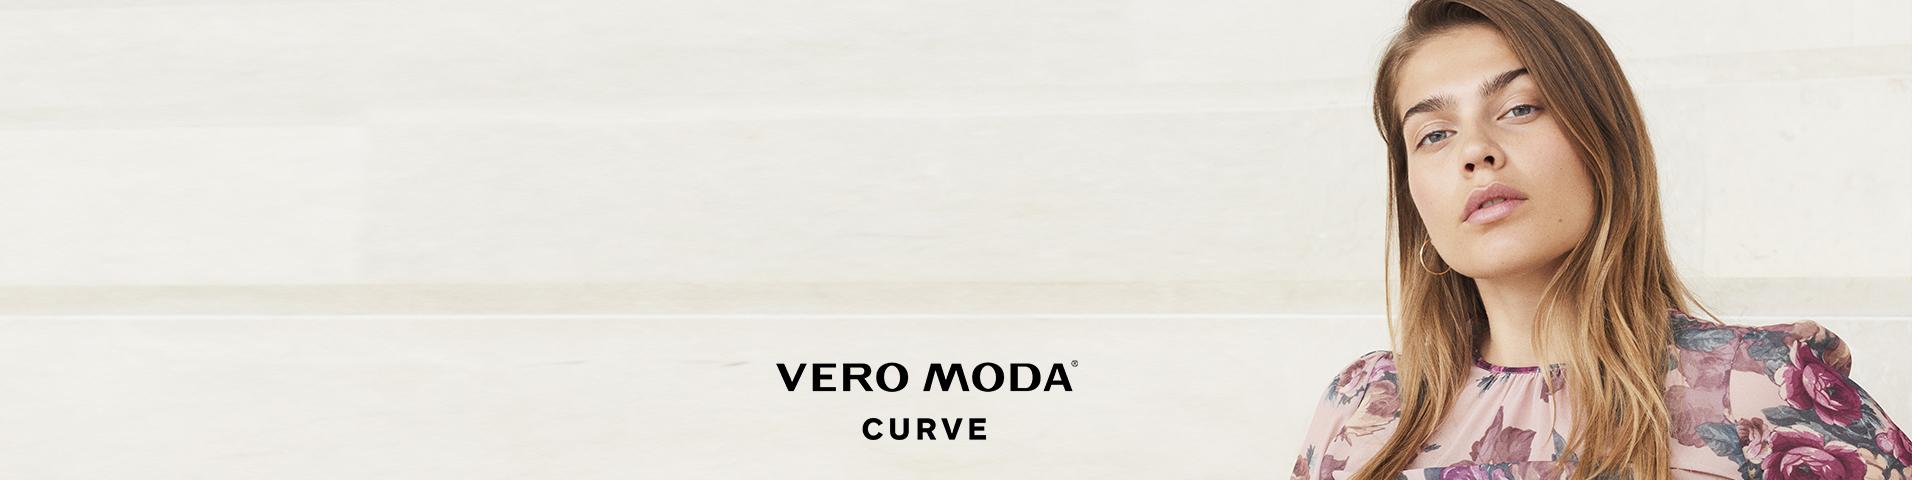 official photos 8571e 19f85 Vero Moda Curve Online Shop | Vero Moda Curve online ...